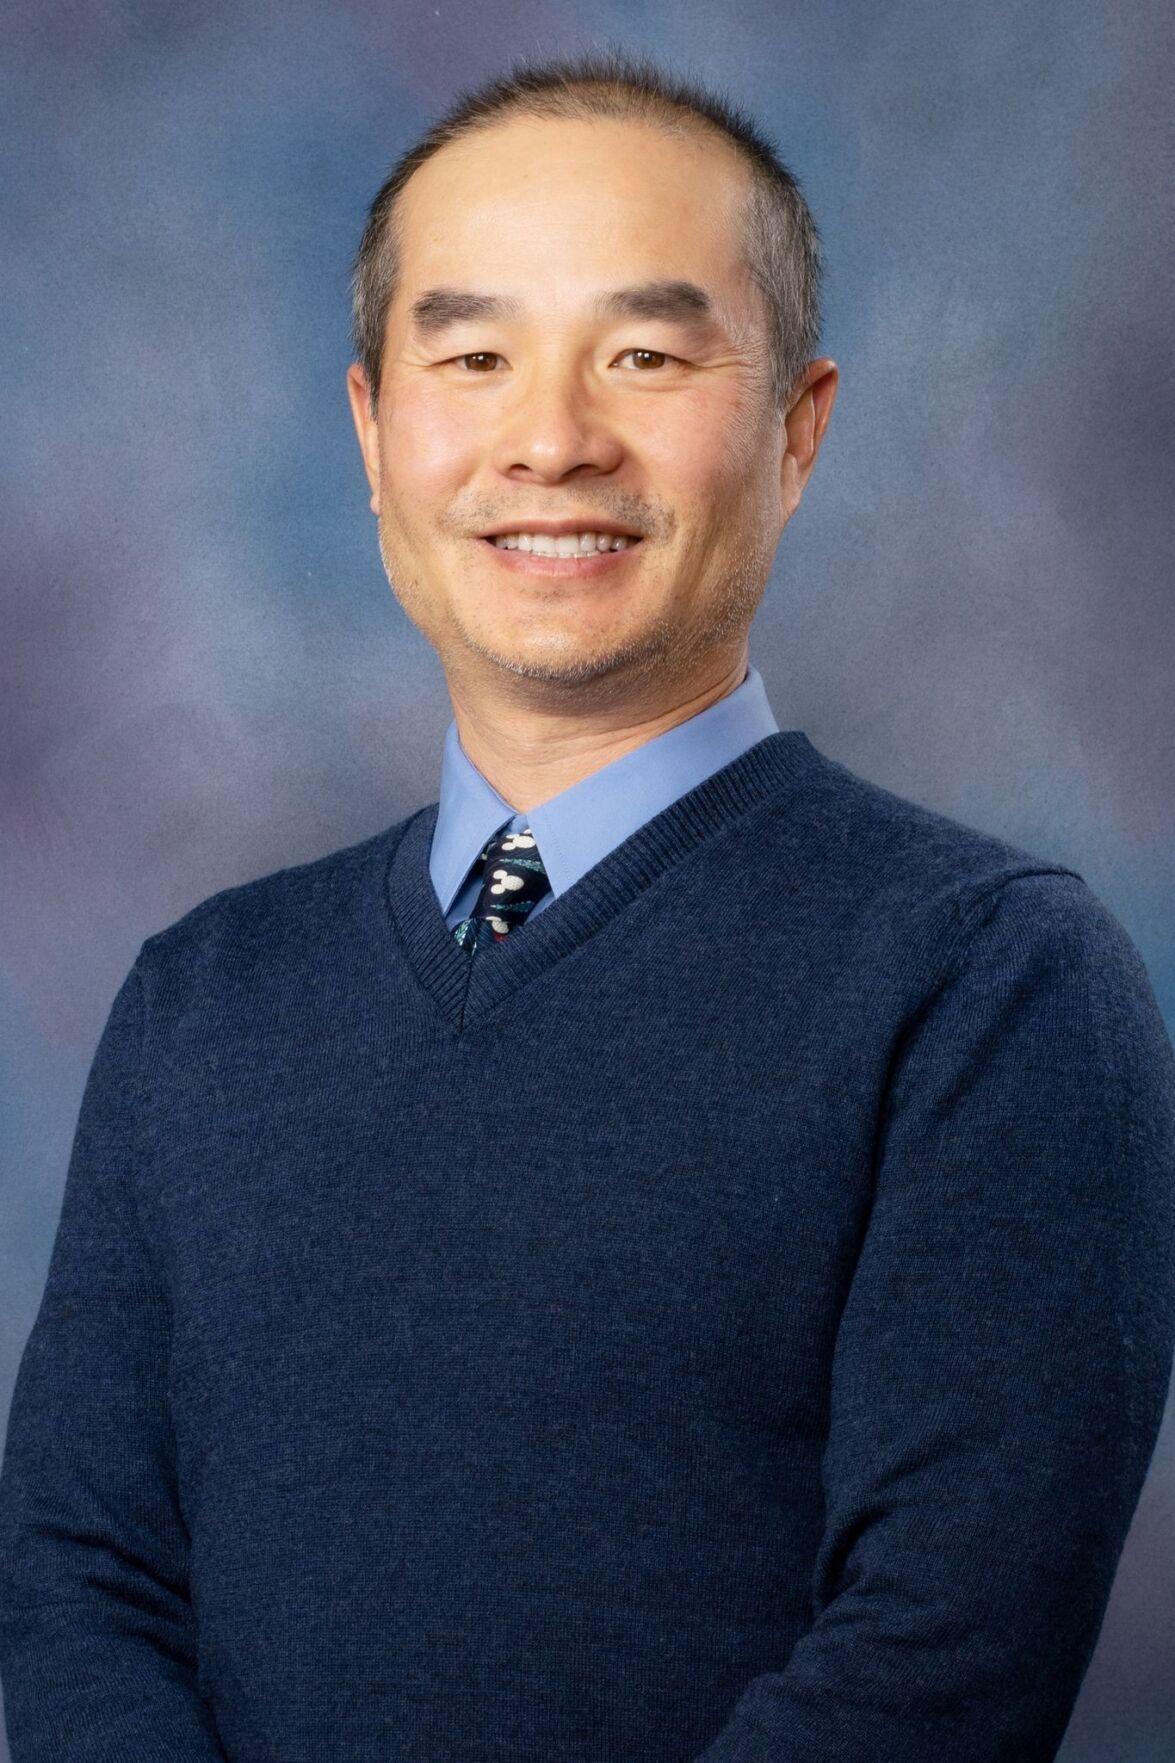 Namedropper: Dr. Justice Tran